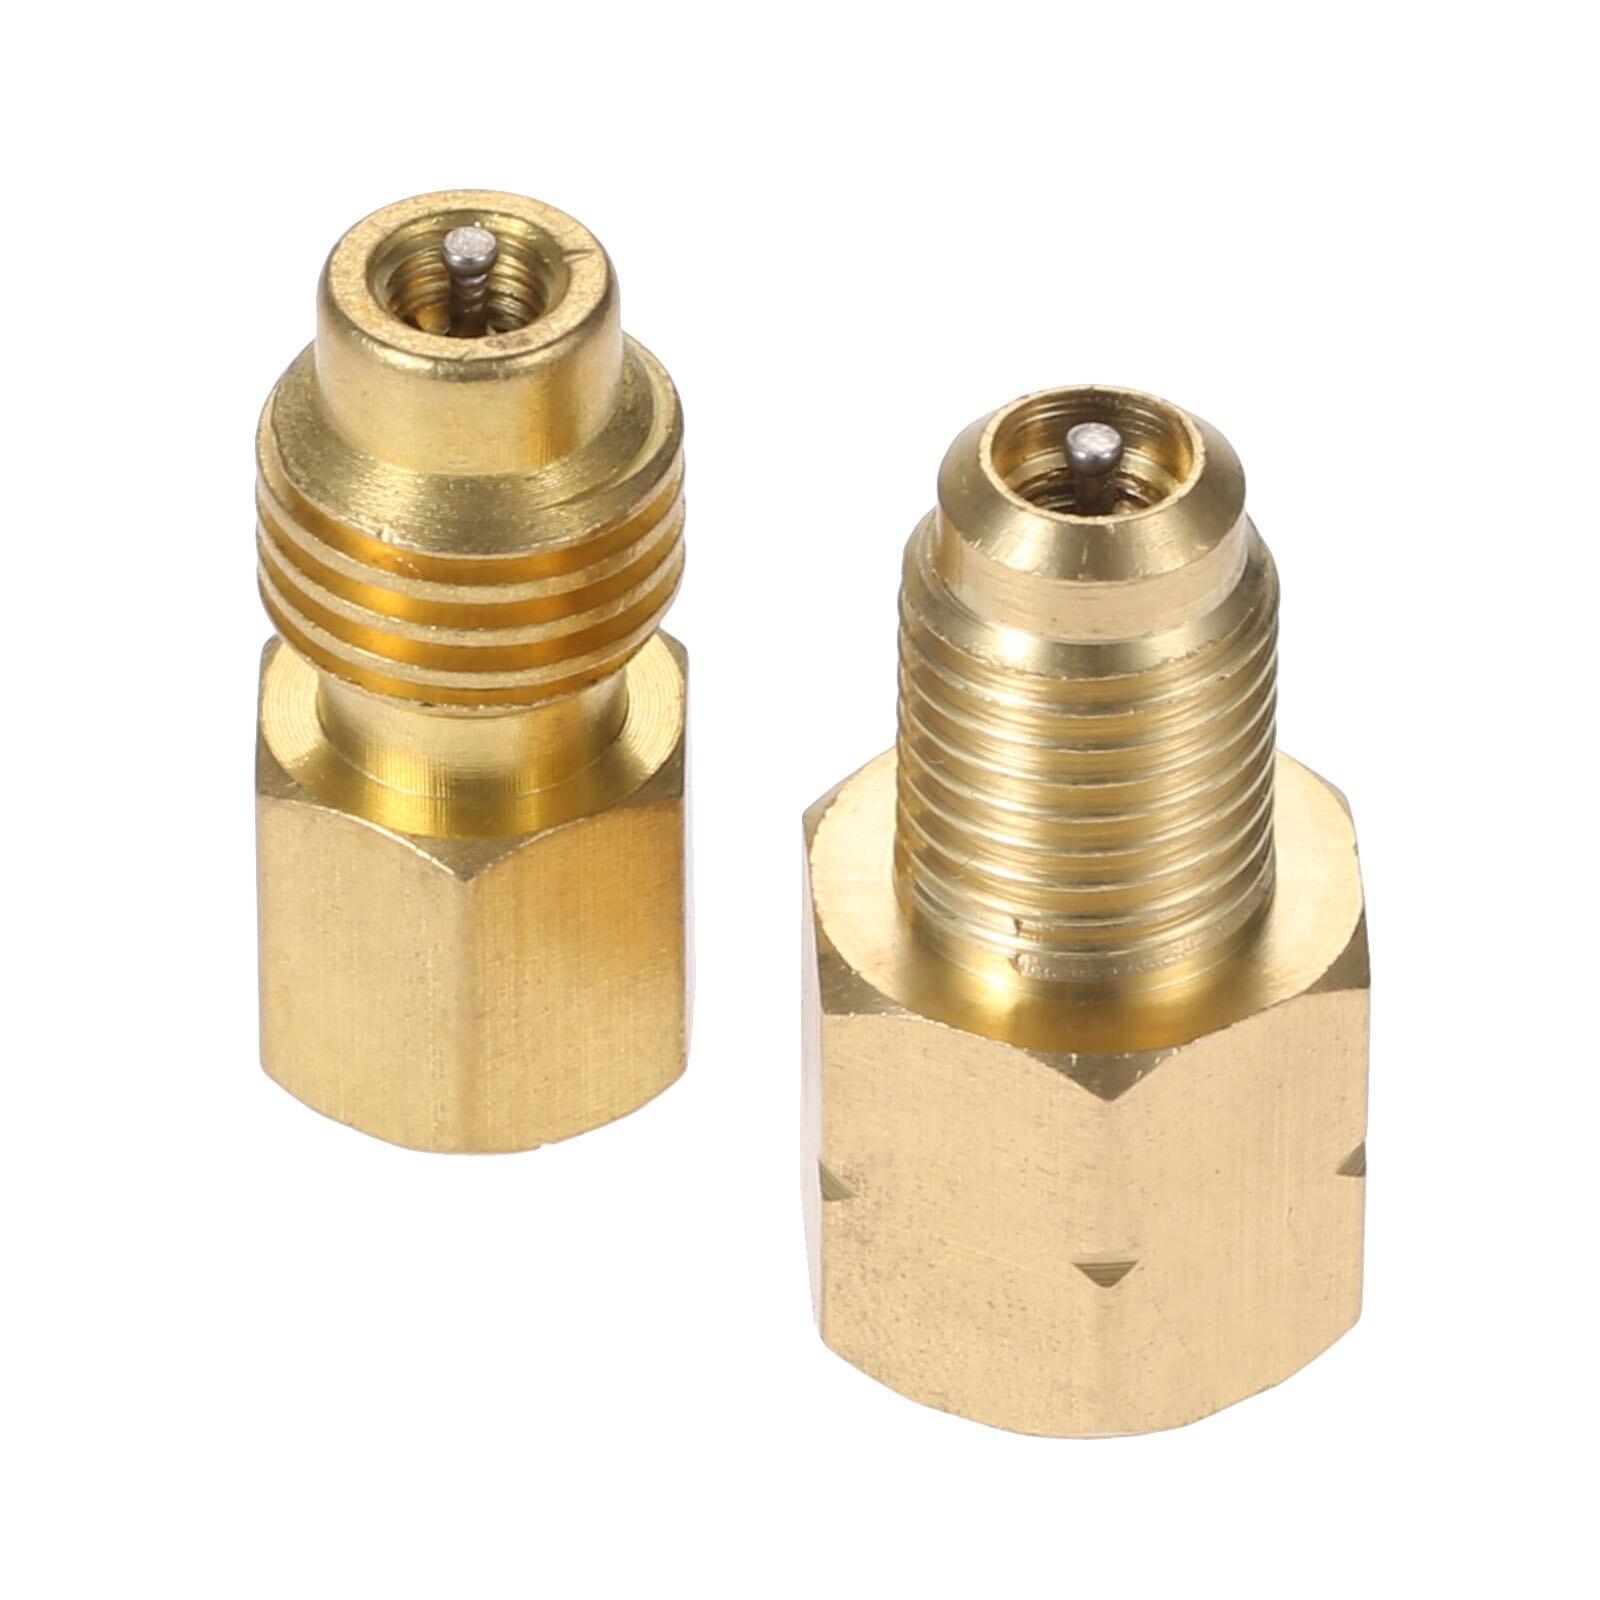 1//2 Zoll Messing-Stecker Innengewinde Adapterstecker Installation Rohr-Montage